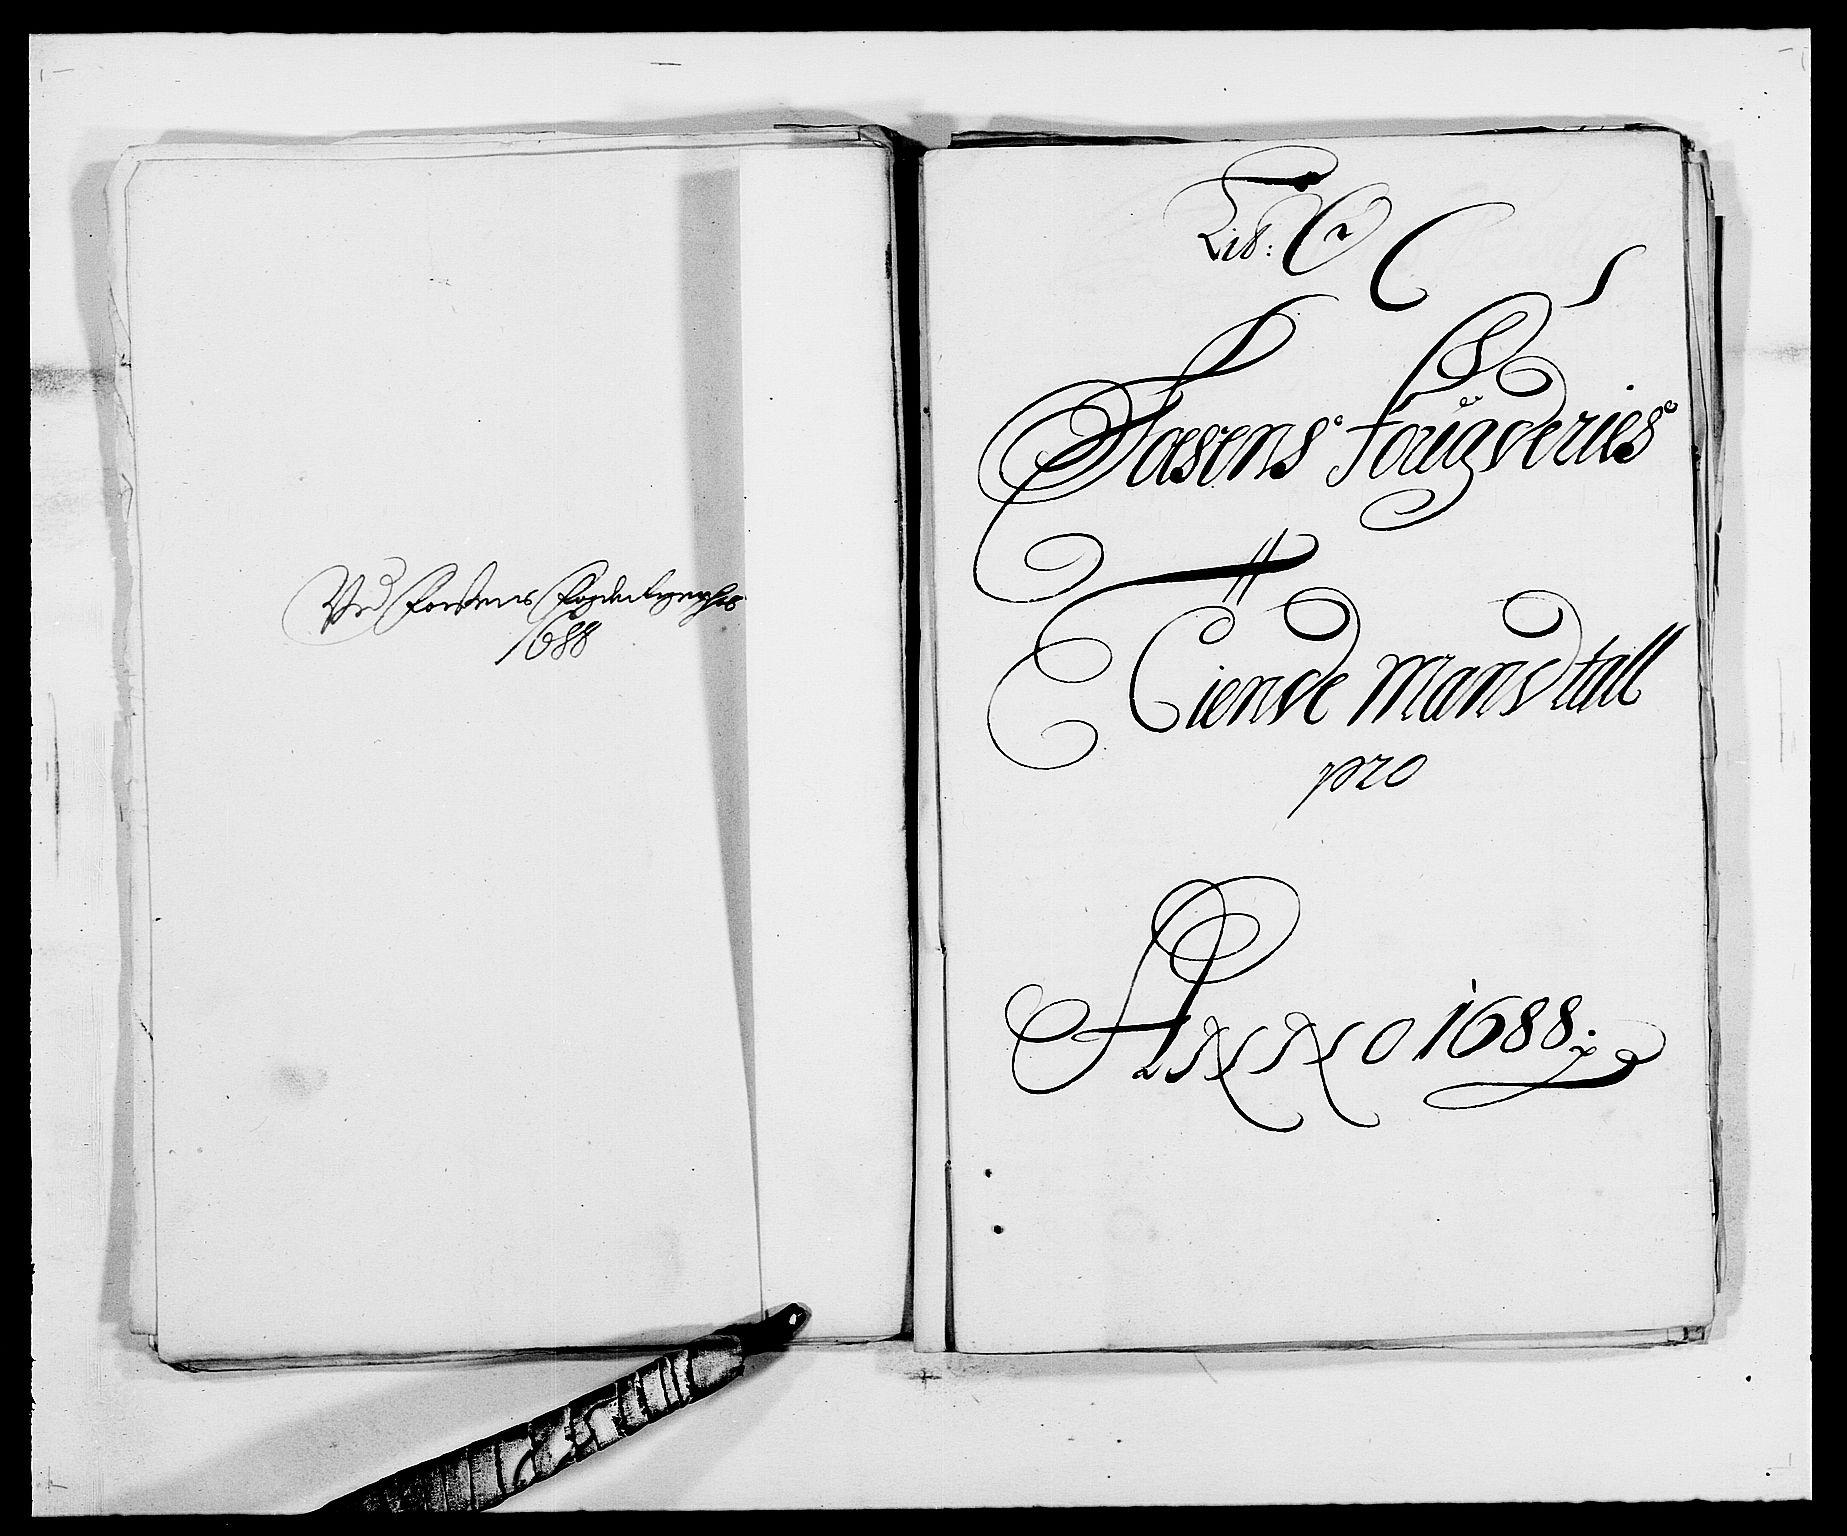 RA, Rentekammeret inntil 1814, Reviderte regnskaper, Fogderegnskap, R57/L3846: Fogderegnskap Fosen, 1688, s. 160